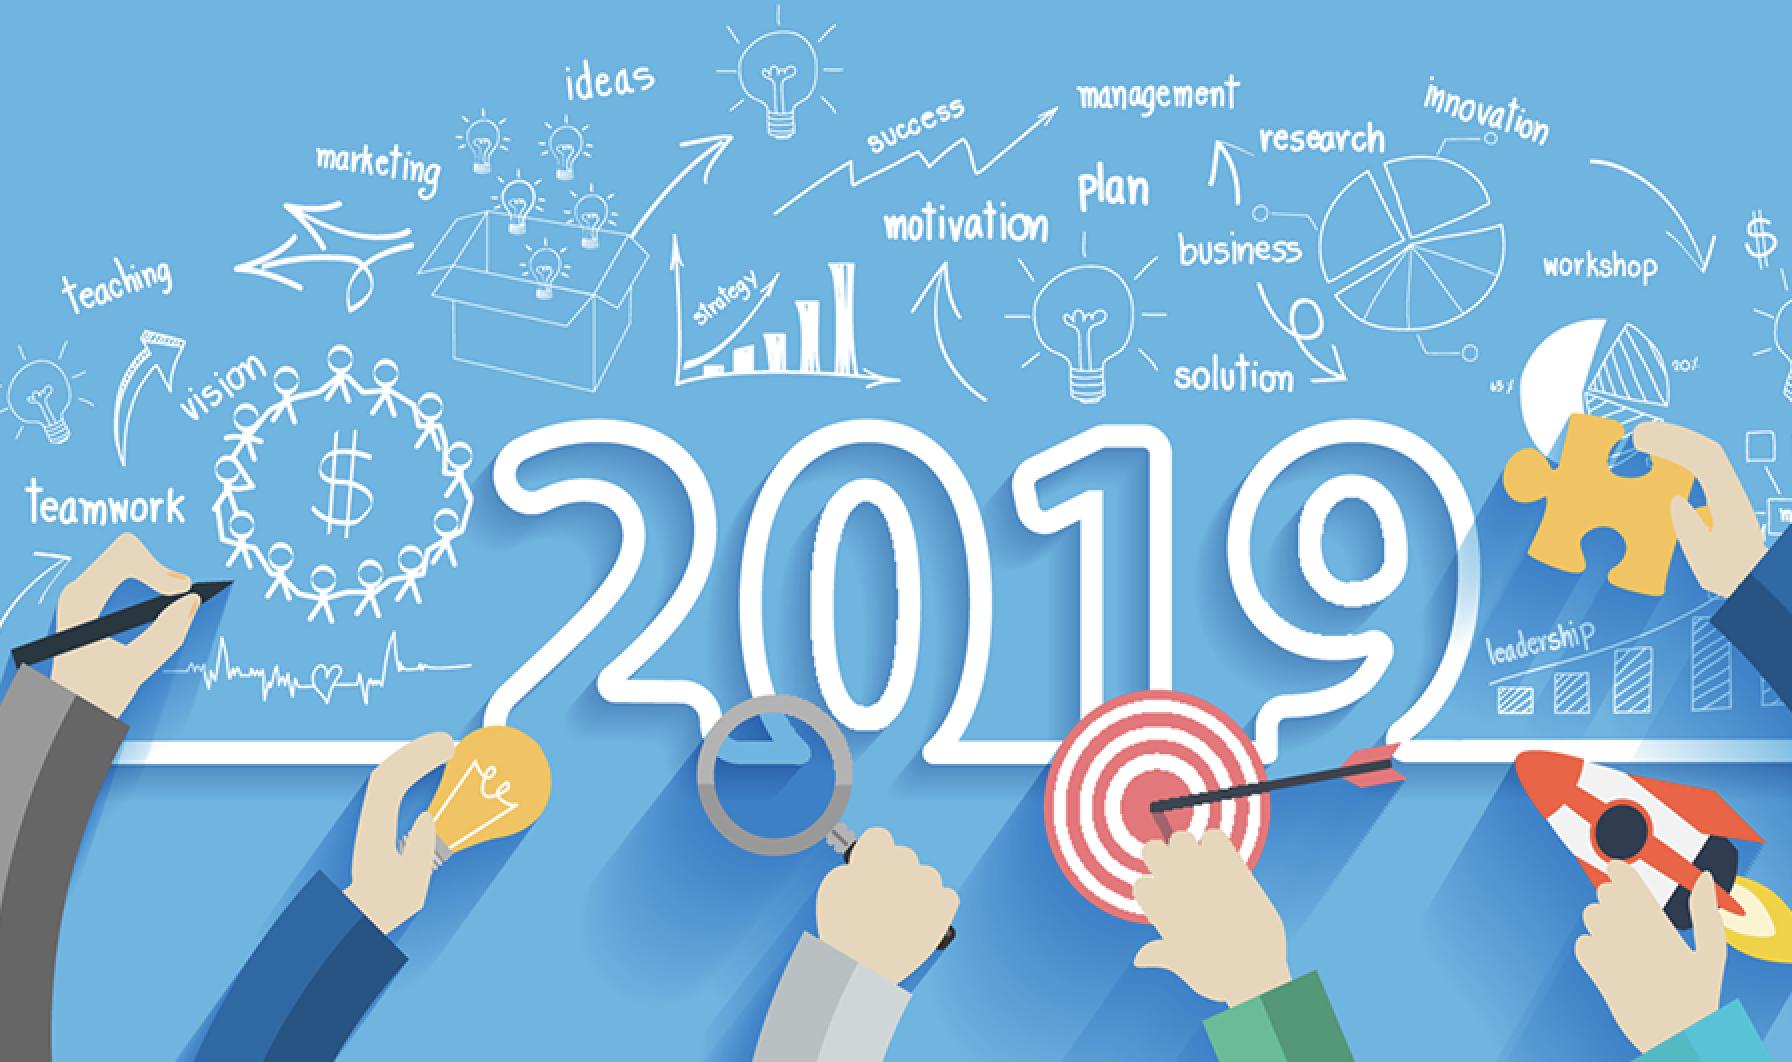 Las 5 mejores tendencias de marketing digital para 2019